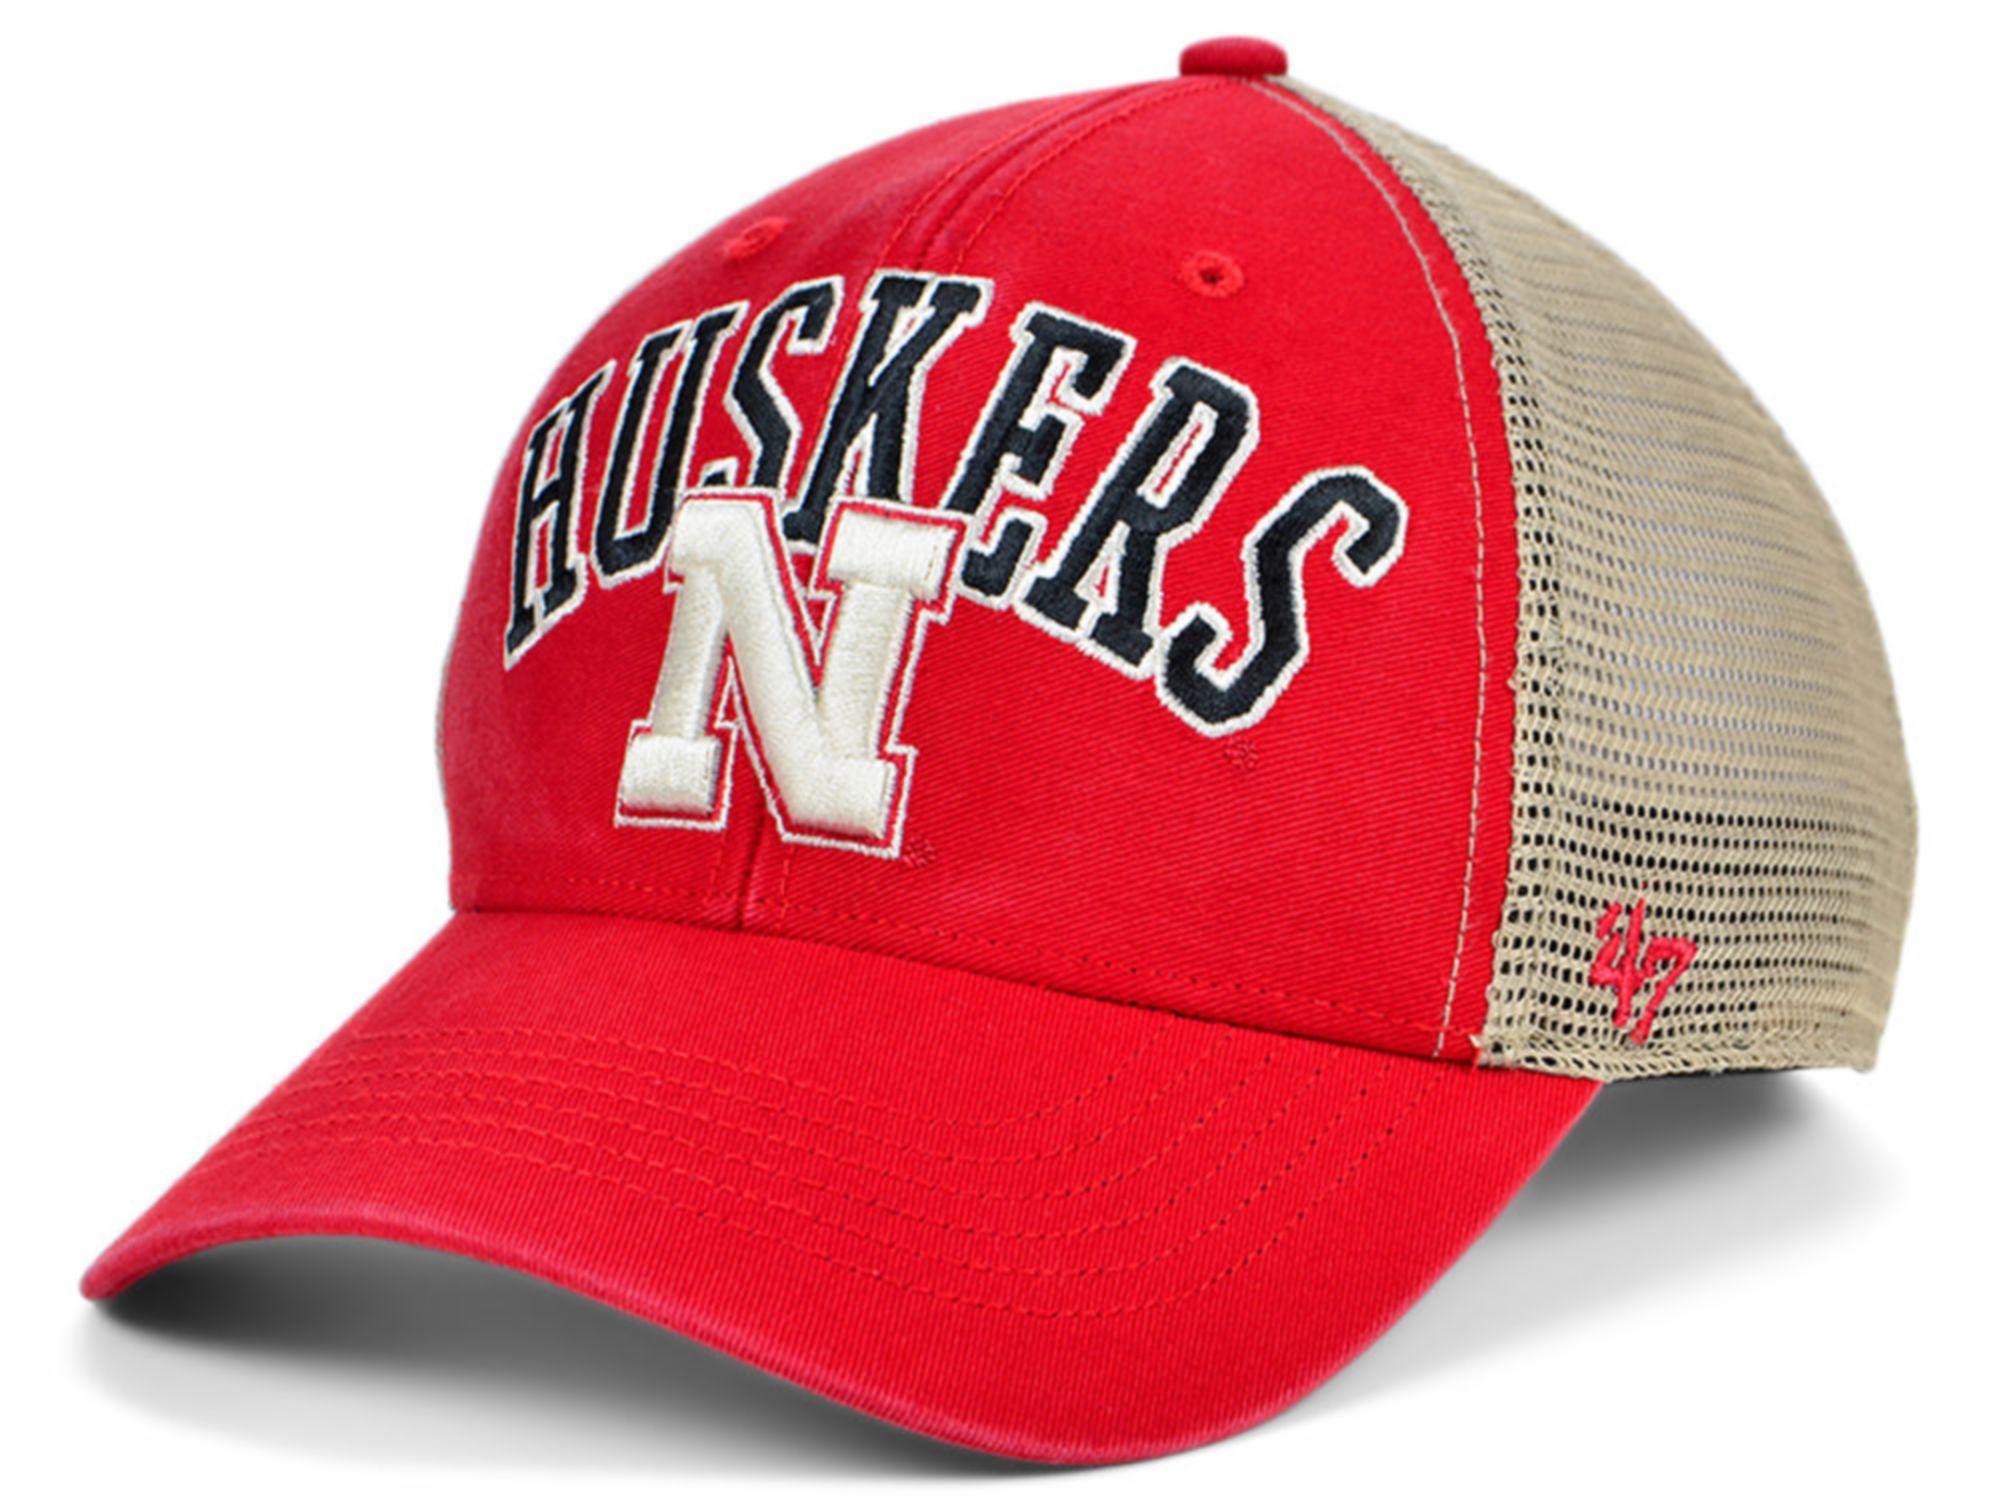 '47 Brand Nebraska Cornhuskers Outland Trucker Cap & Reviews - NCAA - Sports Fan Shop - Macy's